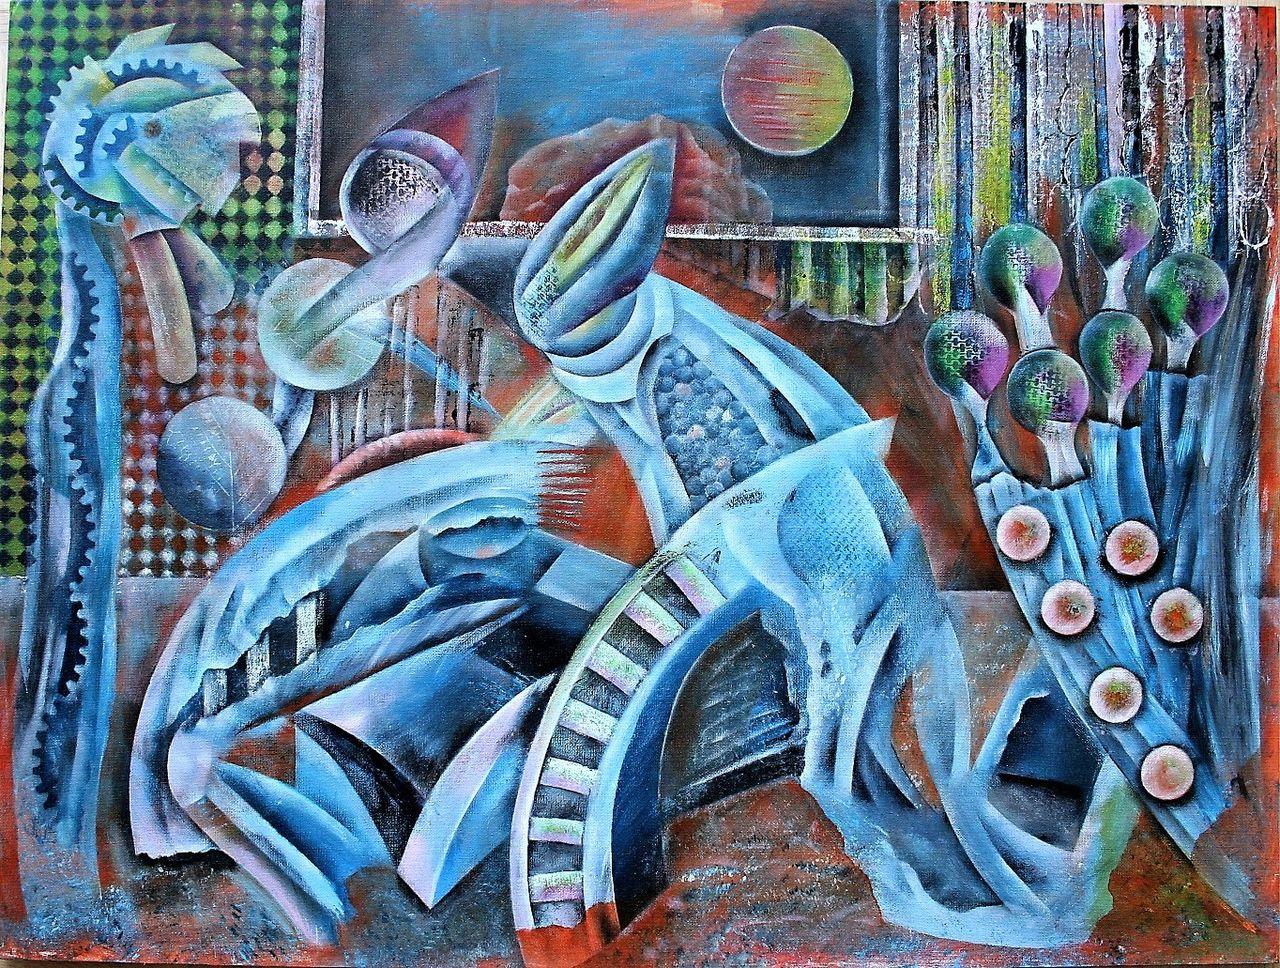 Overload Zaunlatten Tiere Orange Emotion Von Alex On Kunstnet